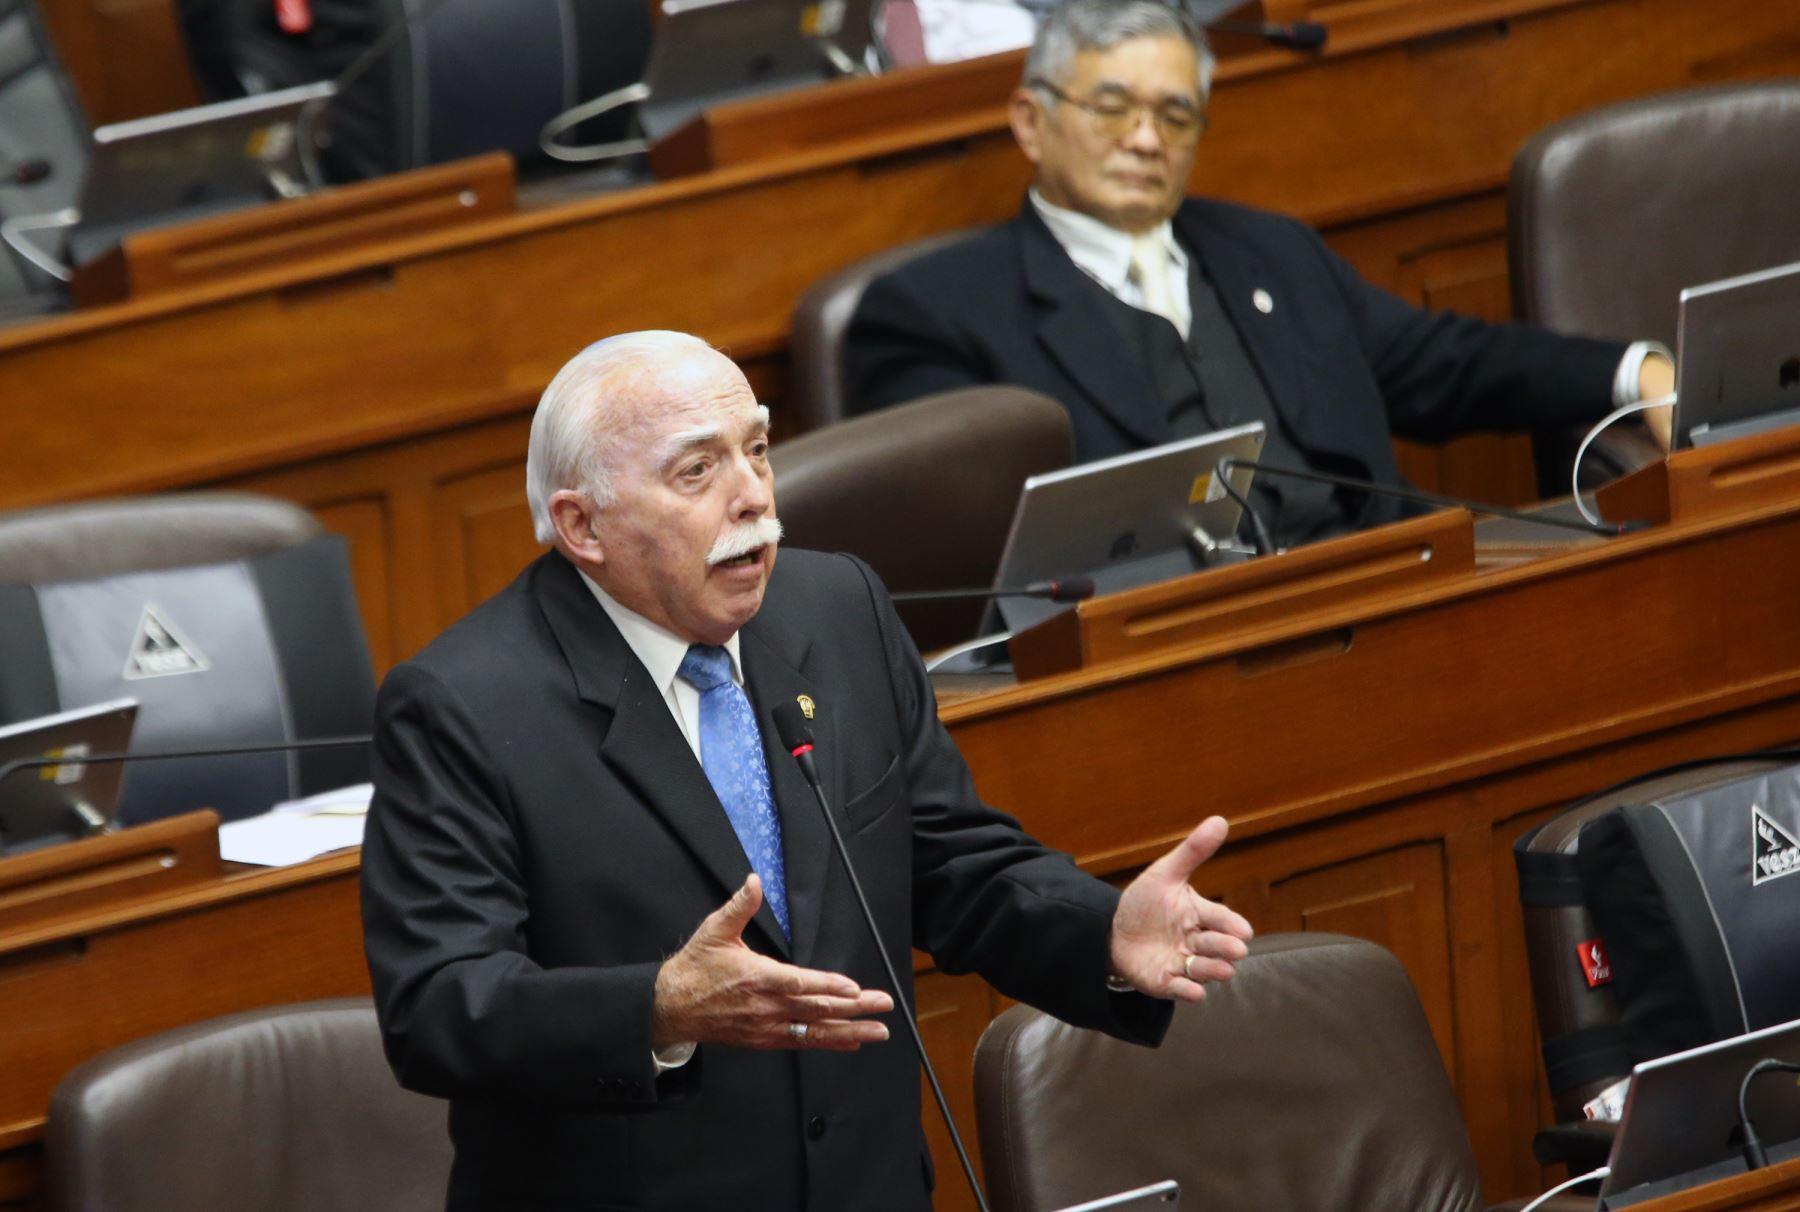 Congresista Carlos Tubino participa en el pleno del Congreso que  debate los proyectos de reforma política presentadas por el Poder Ejecutivo.   Foto: ANDINA/Norman Córdova